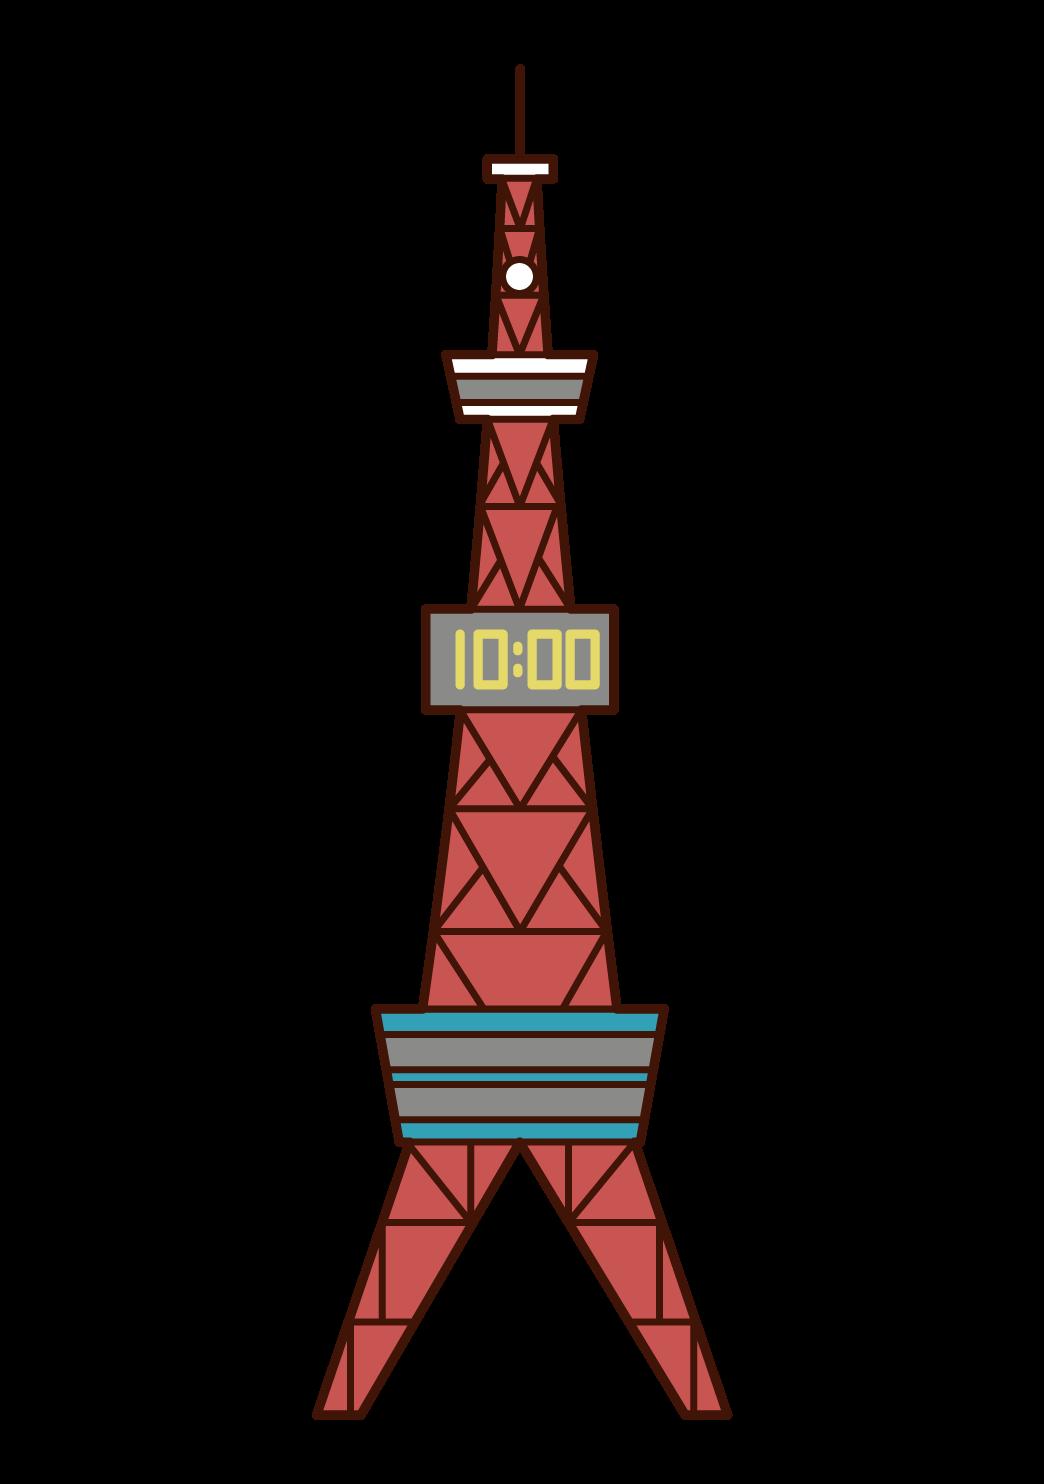 삿포로 TV 타워의 일러스트